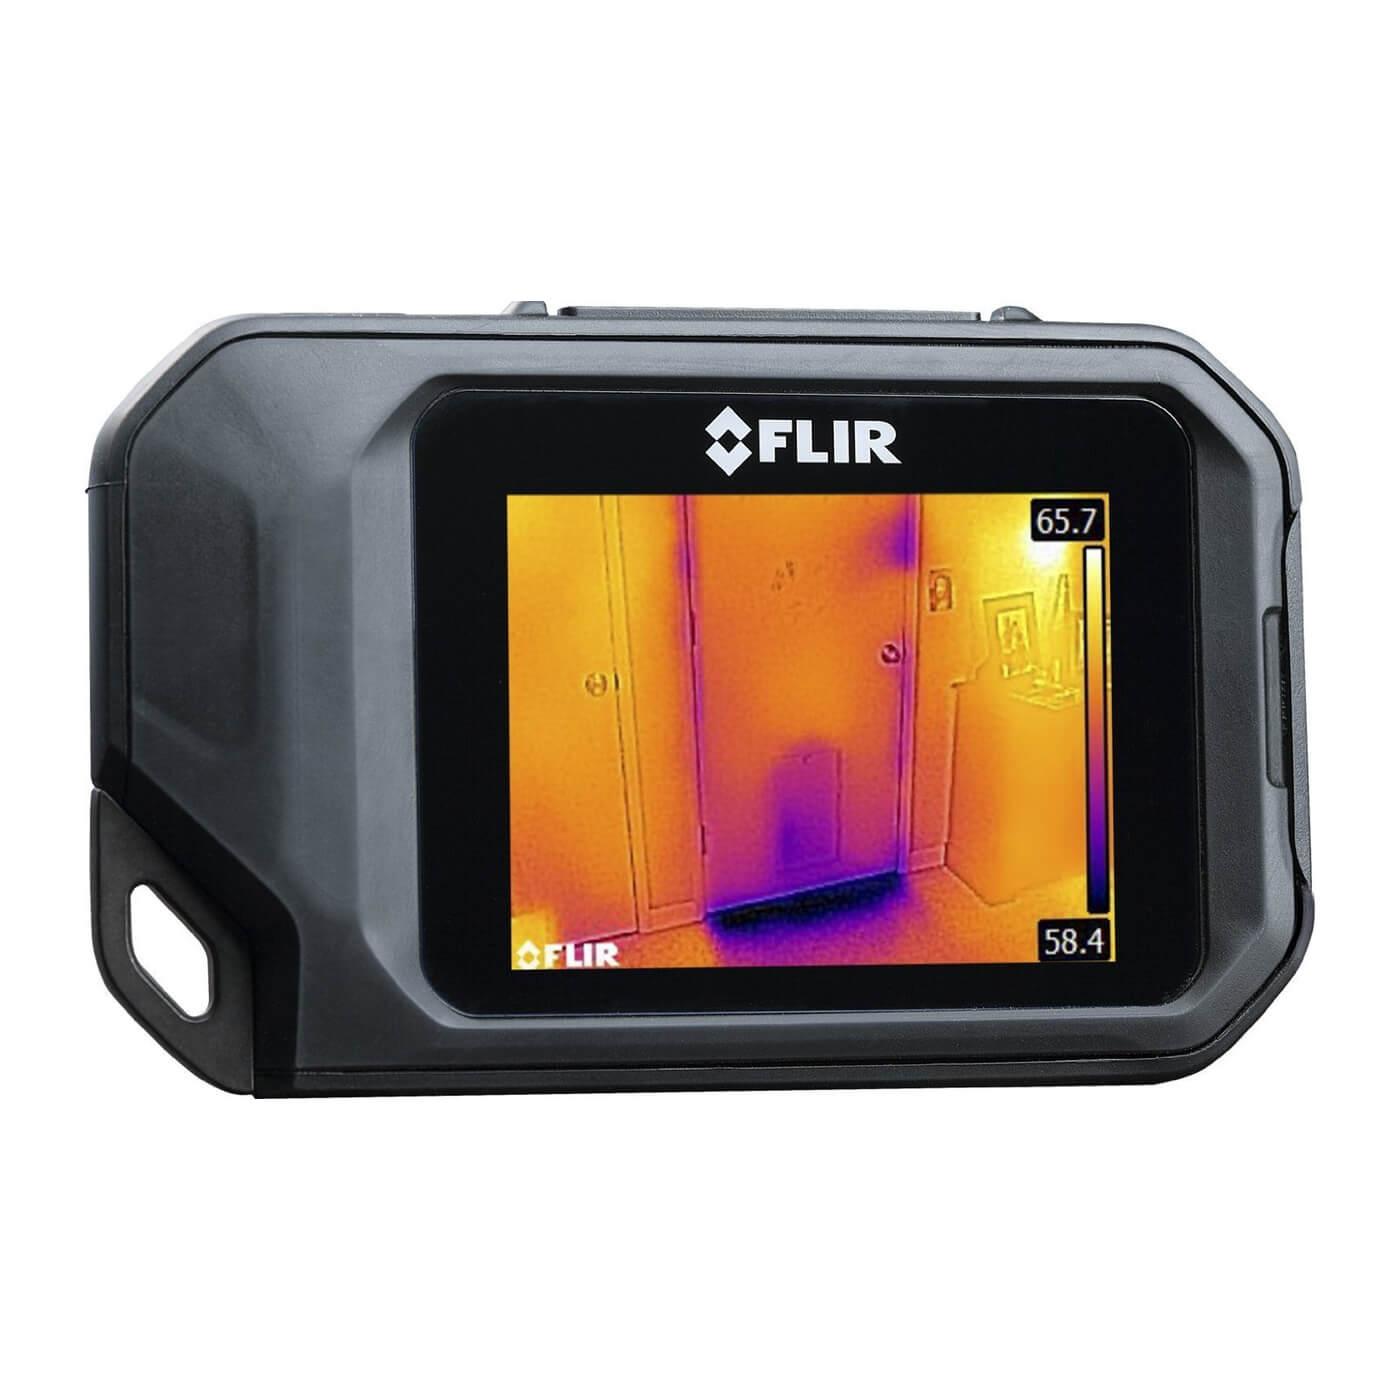 Flir C2 pocket thermal imaging camera